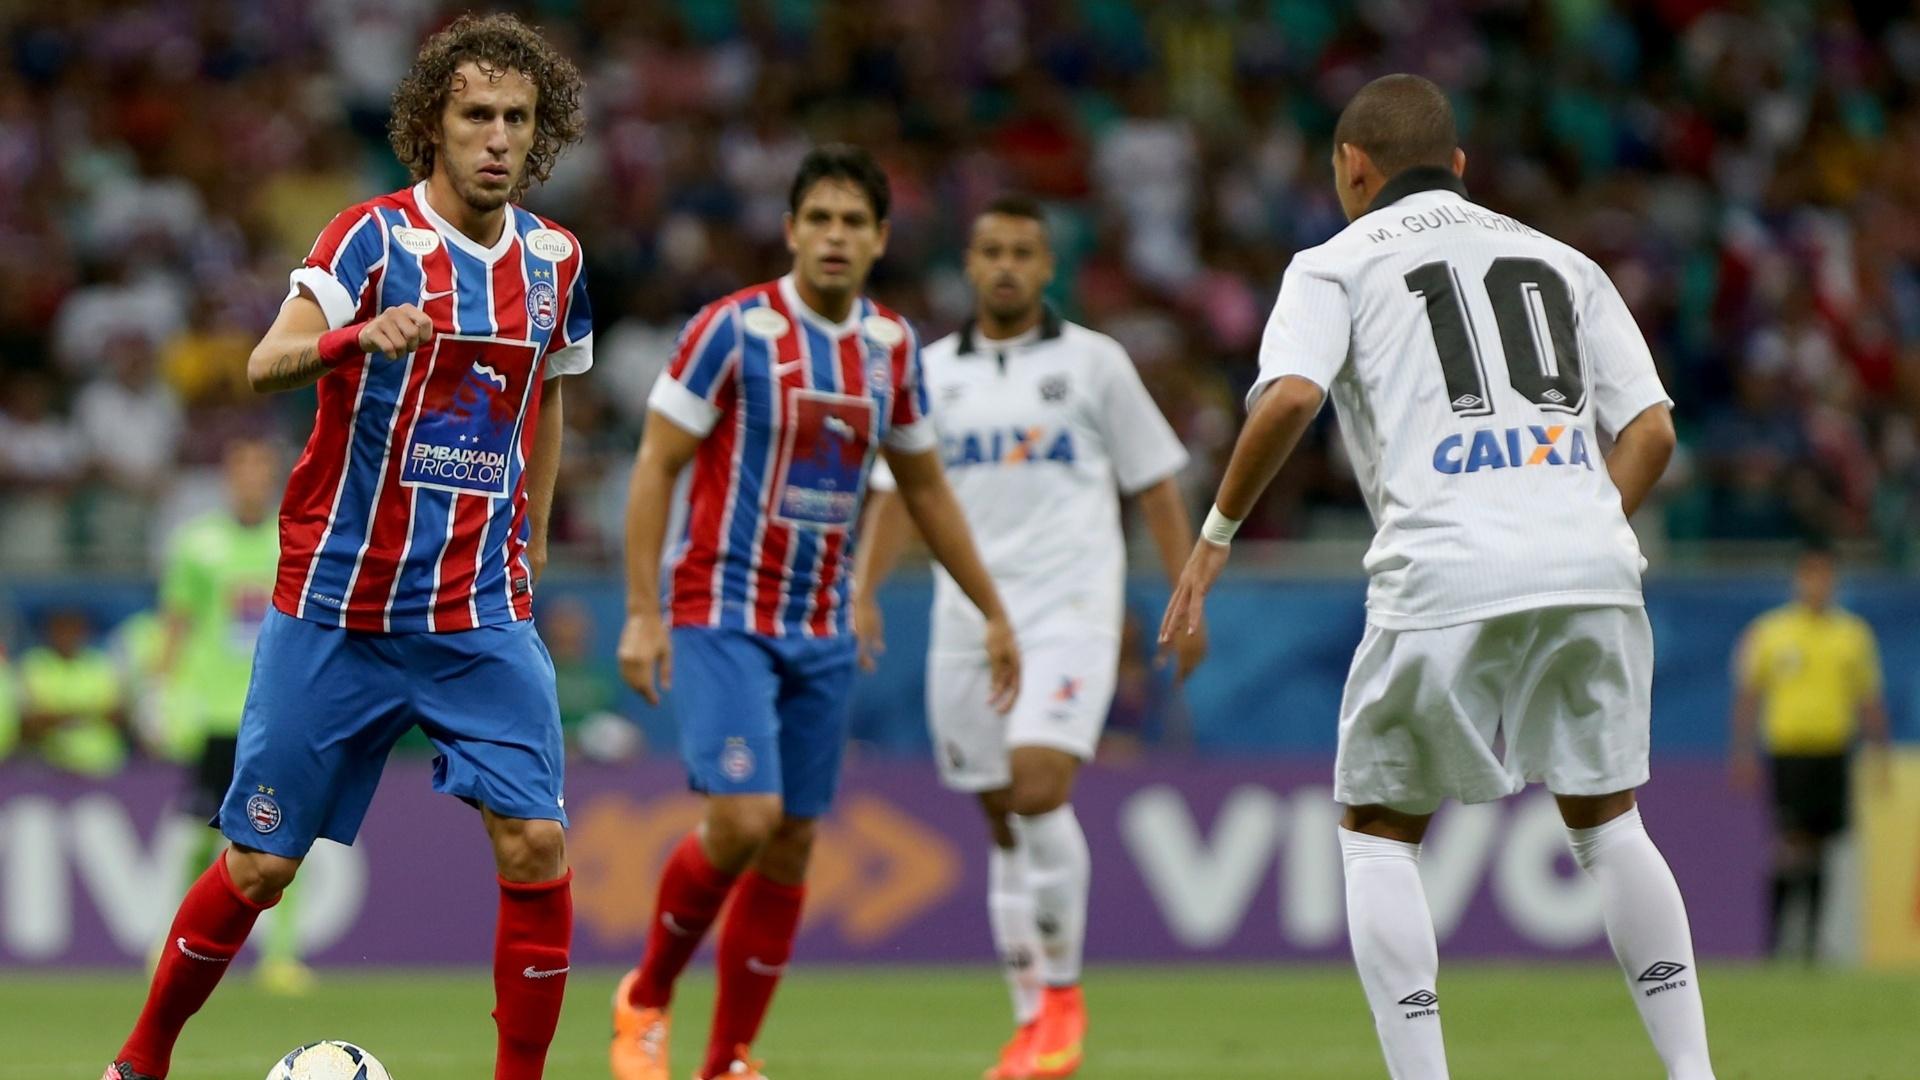 Galhardo domina a bola para o Bahia contra o Atlético-PR, pelo Brasileiro